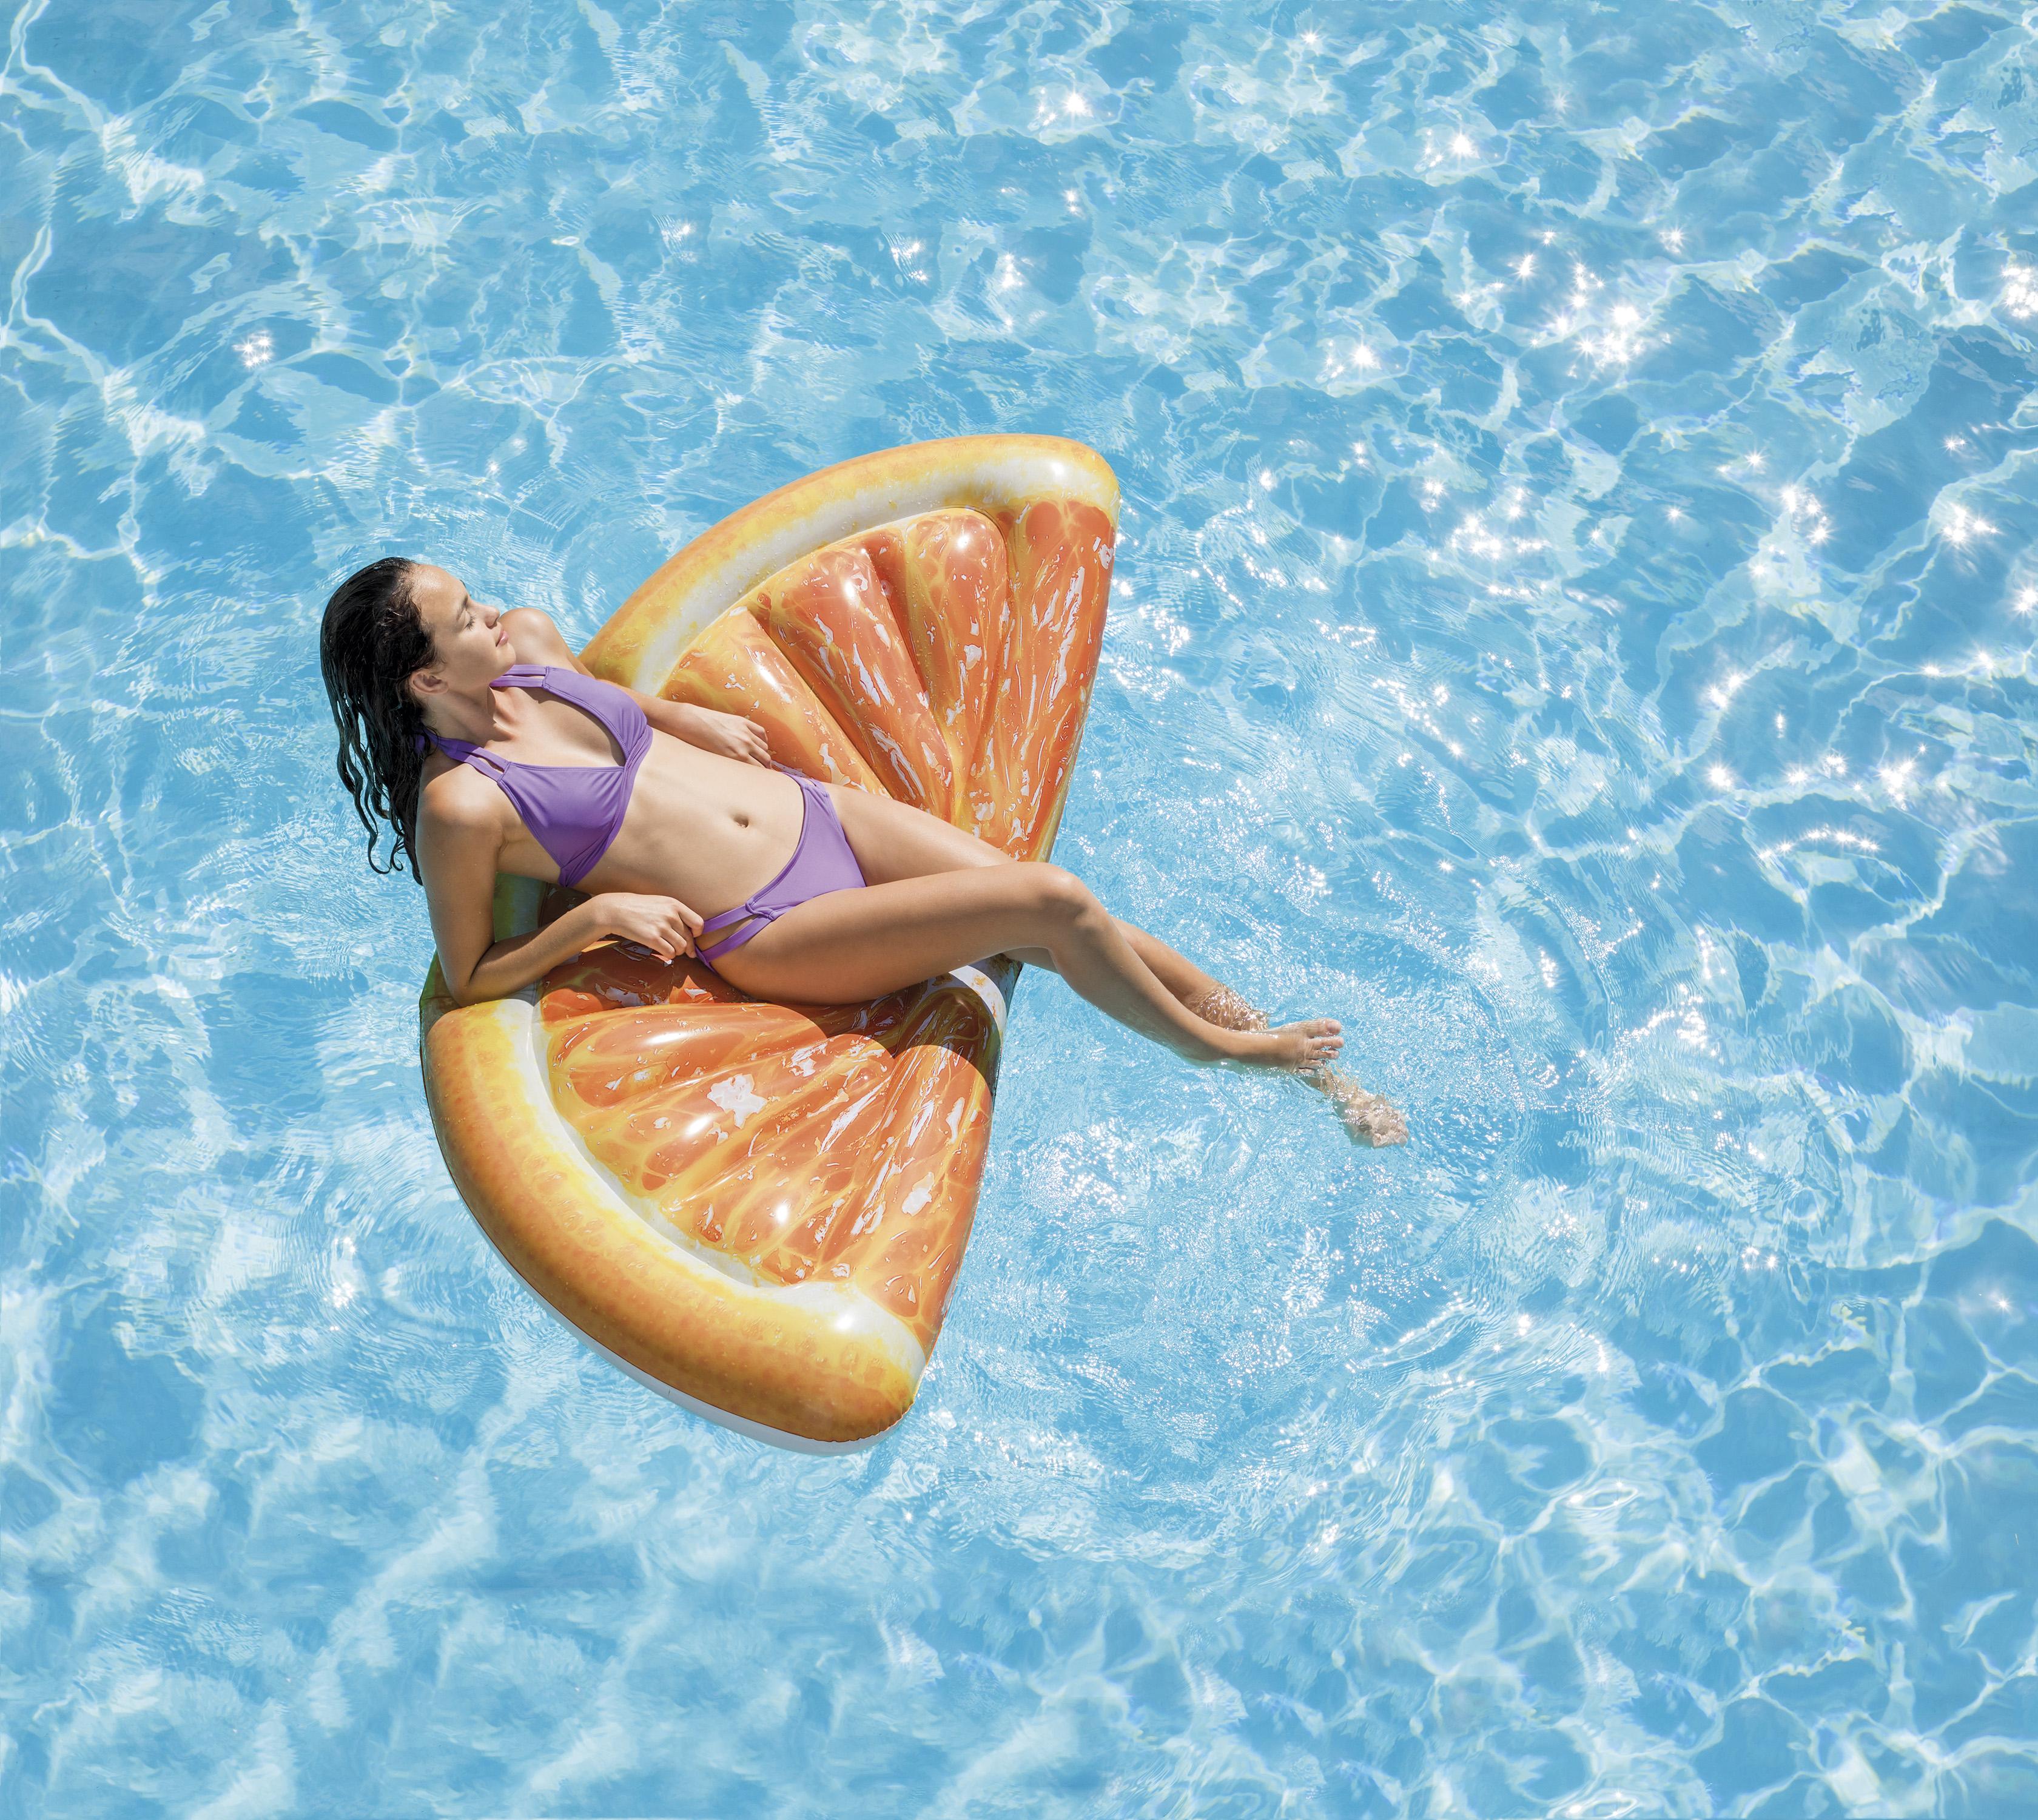 unique matelas gonflable cora id es de bain de soleil. Black Bedroom Furniture Sets. Home Design Ideas